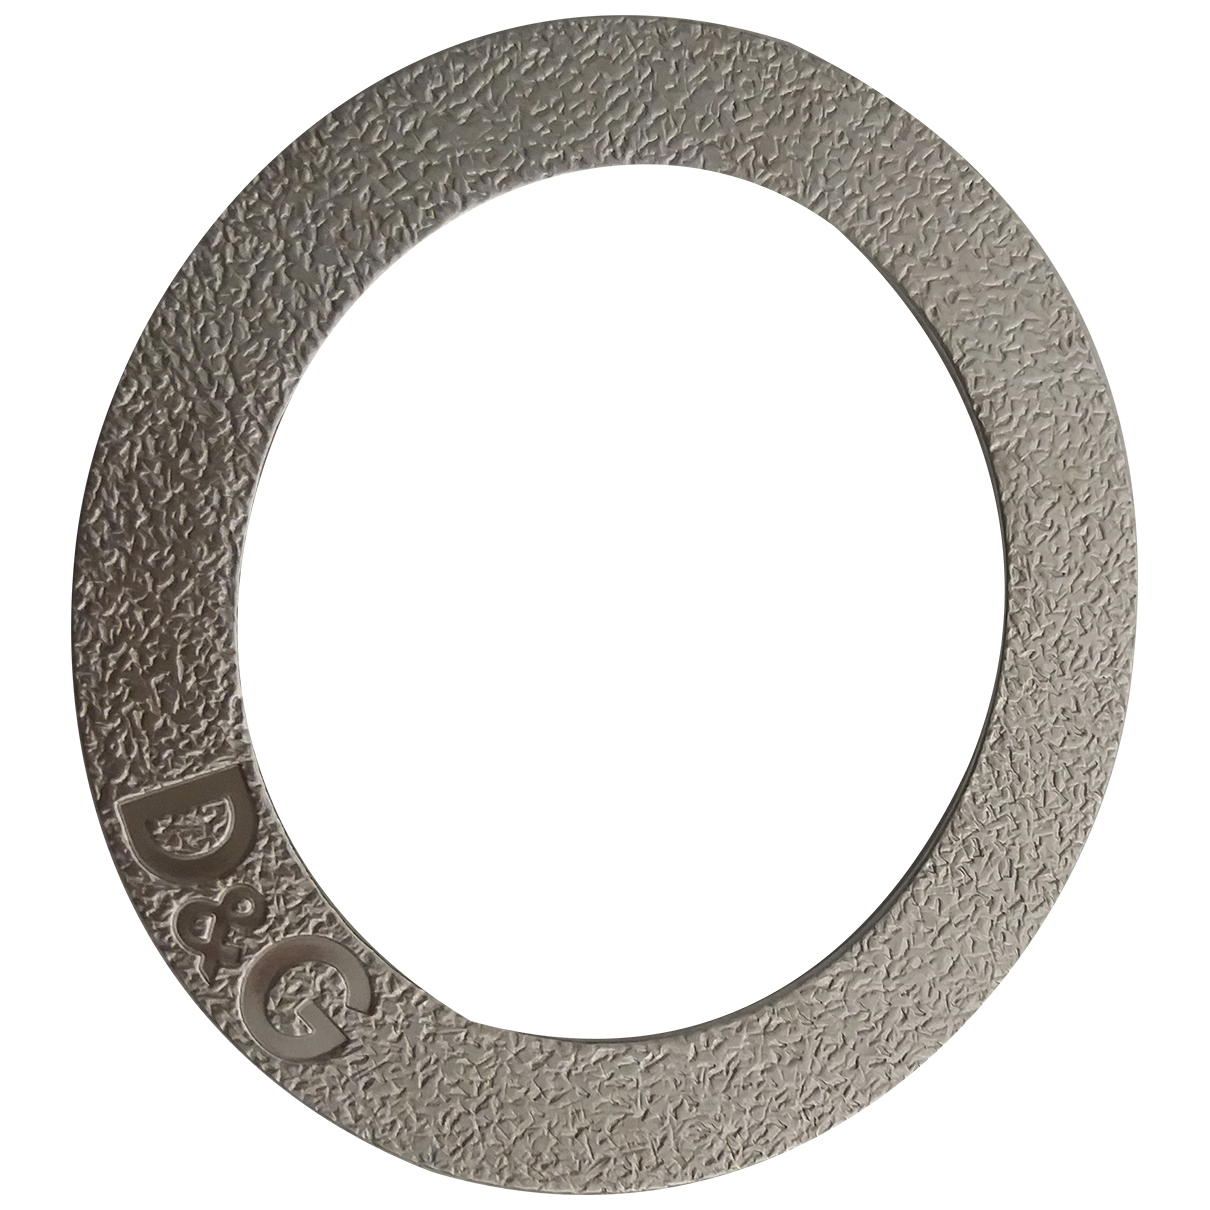 D&g - Bracelet   pour femme en acier - metallise